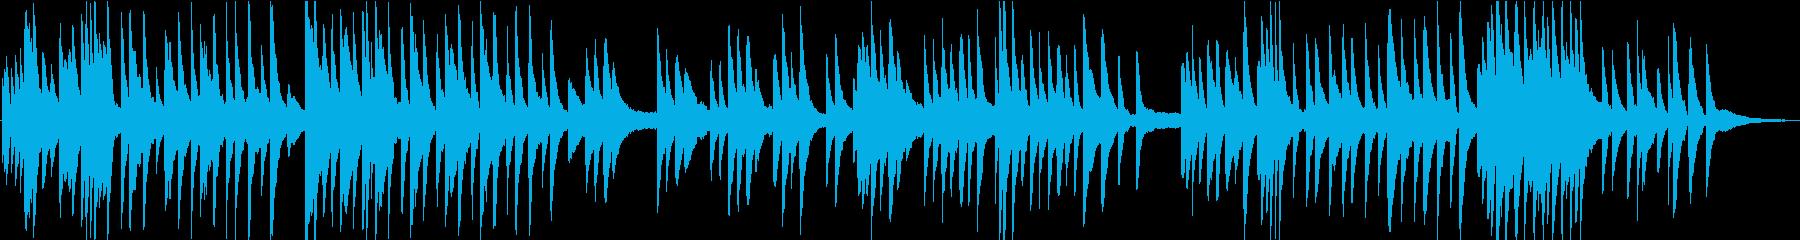 切ないピアノソロのバラードの再生済みの波形